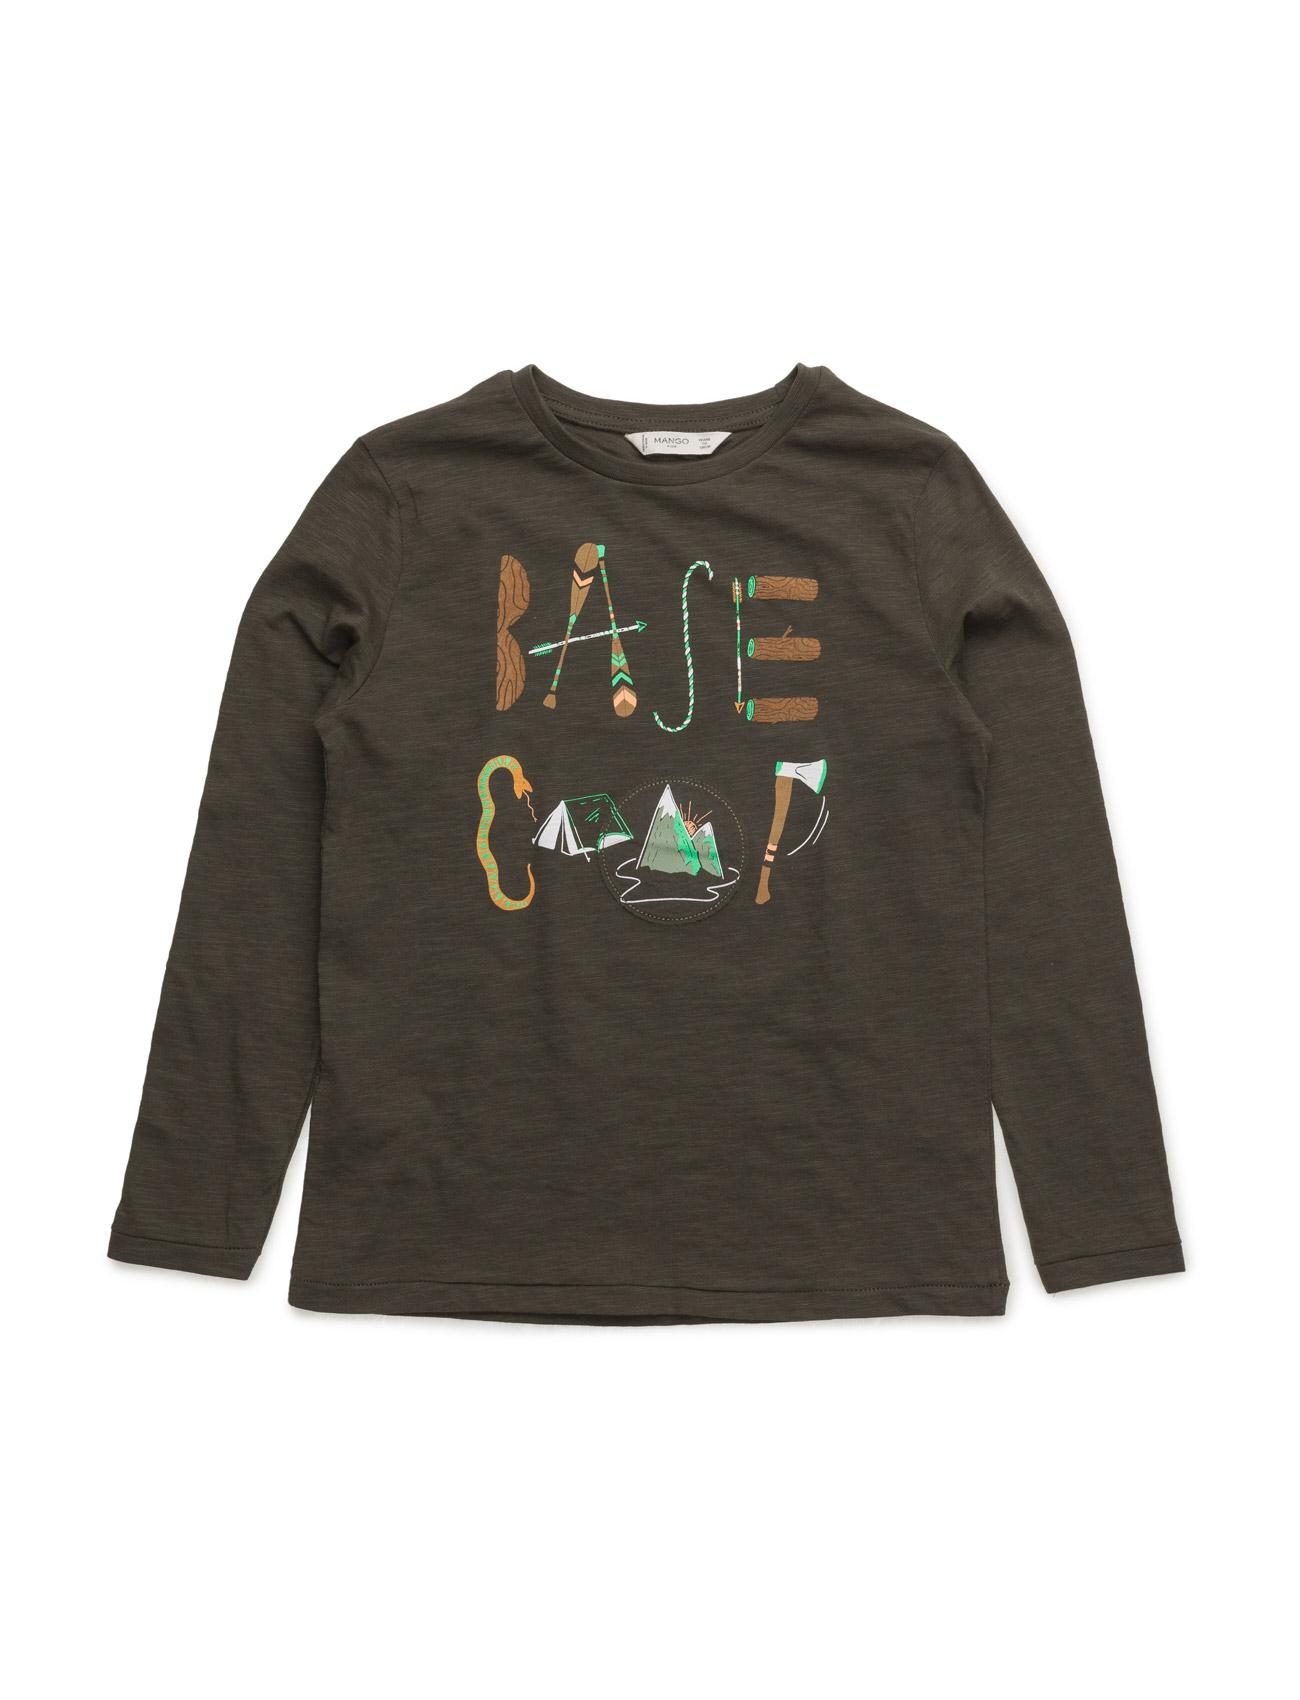 Printed Cotton T-Shirt Mango Kids Langærmede t-shirts til Børn i Beige - Khaki